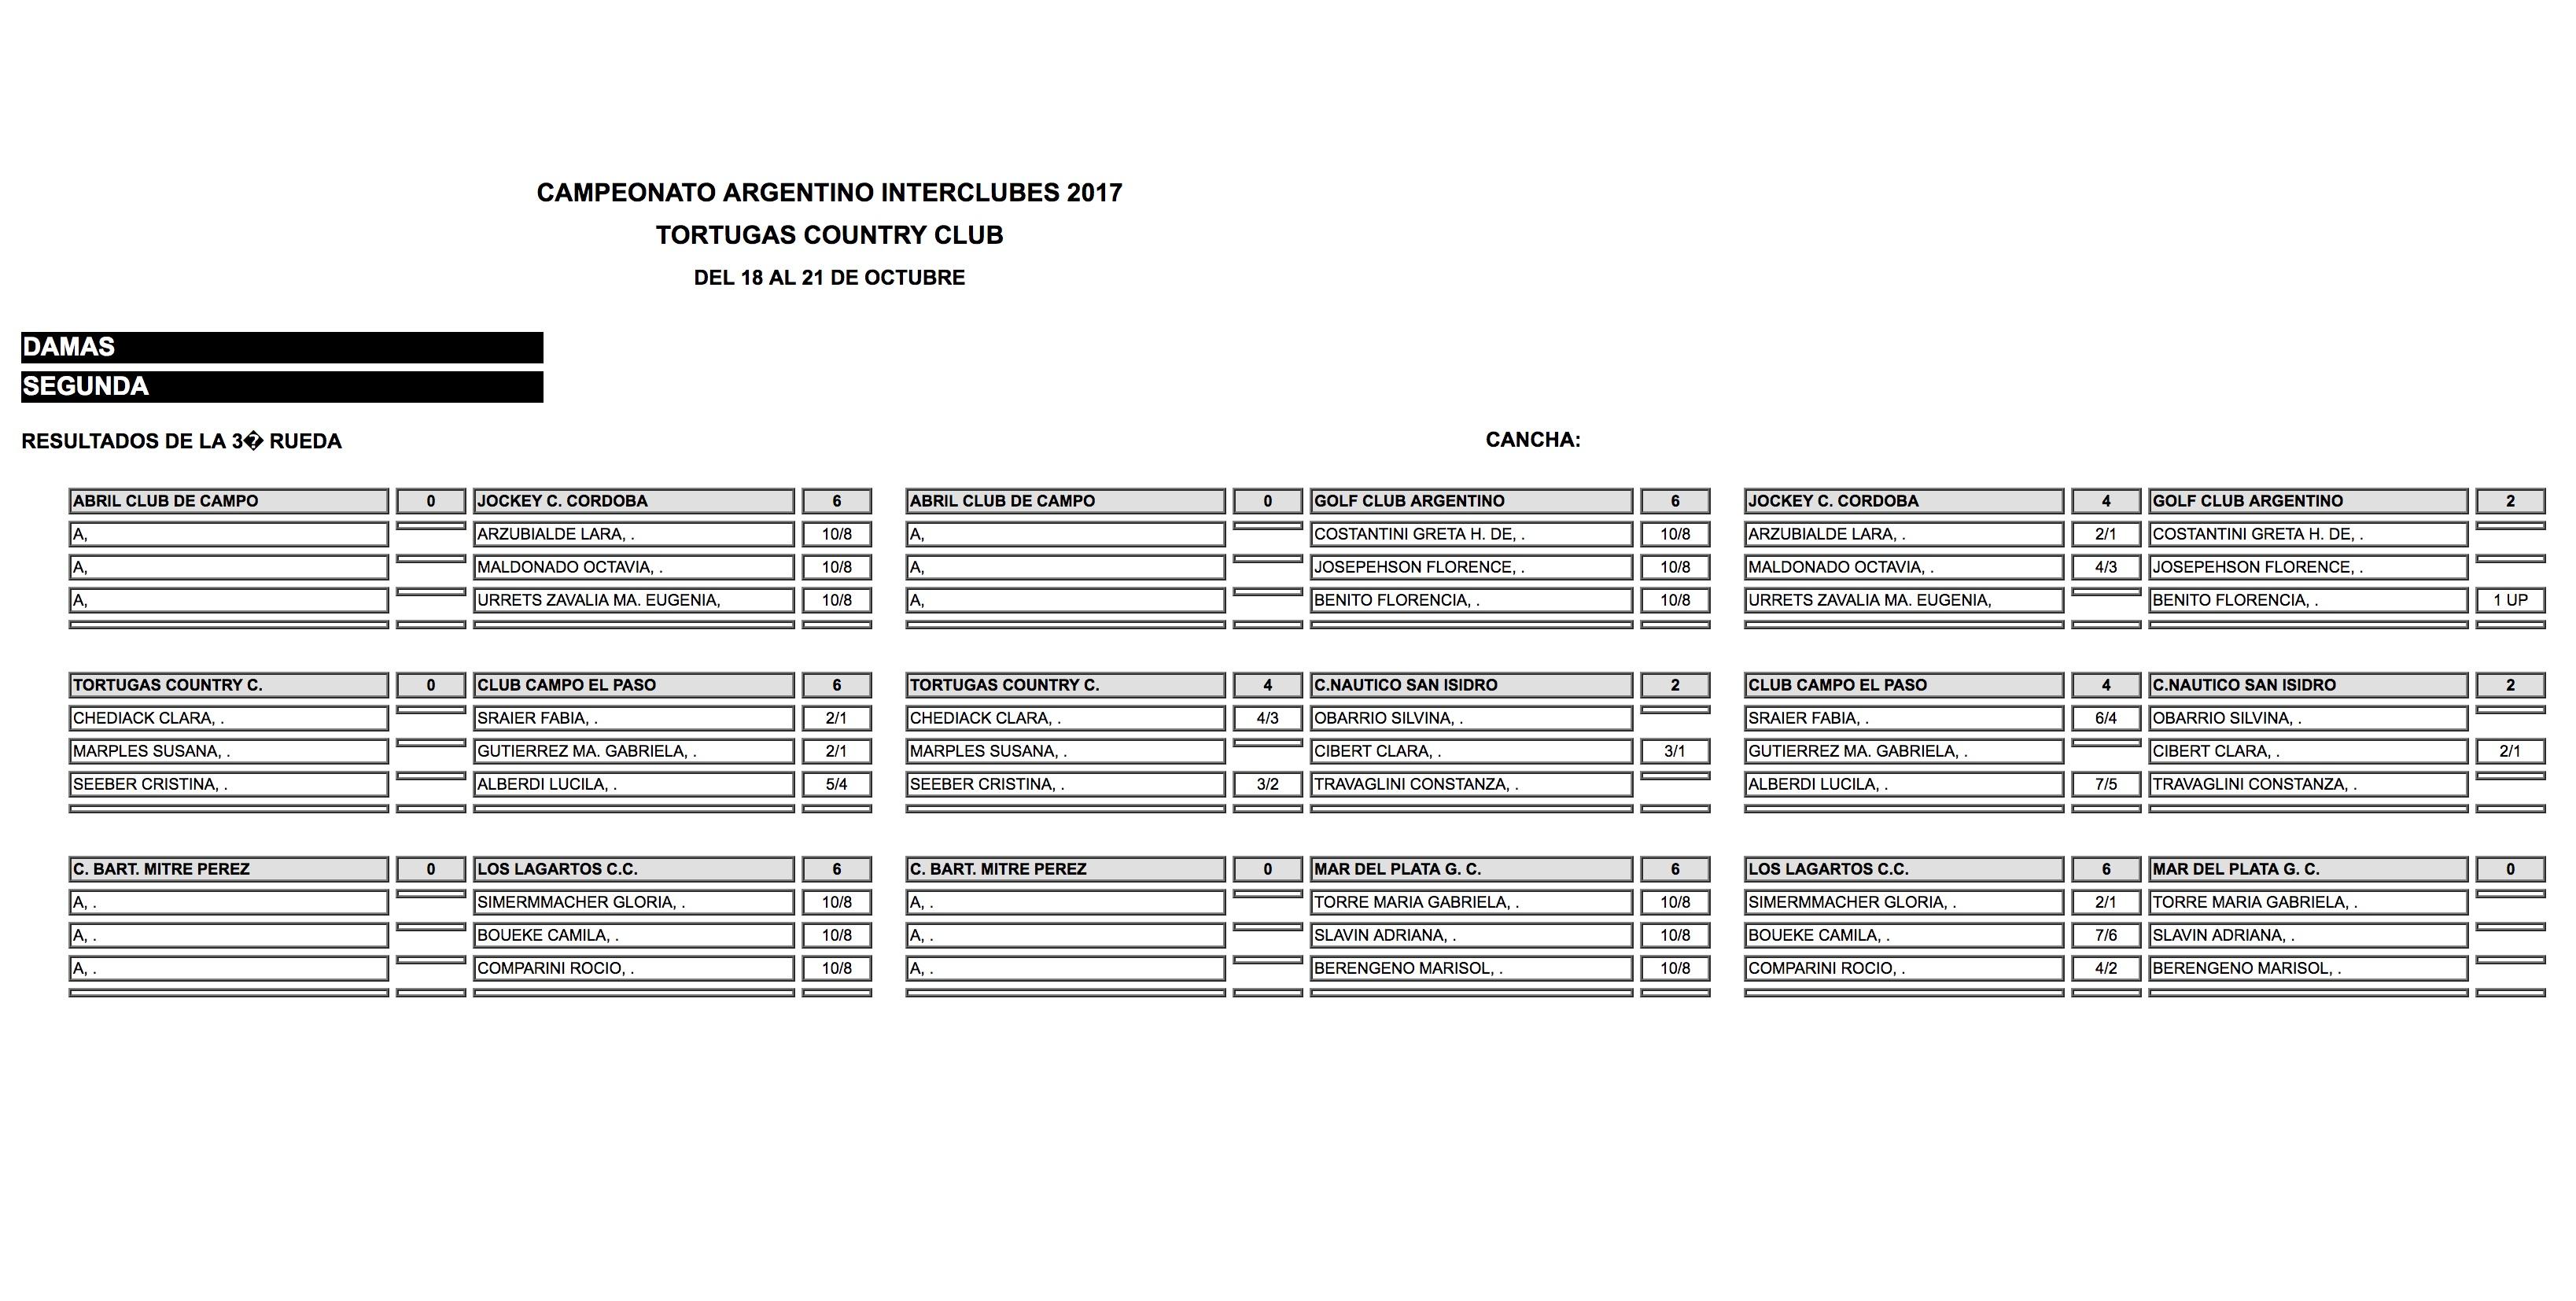 Segunda División. Resultados. Click para ampliar